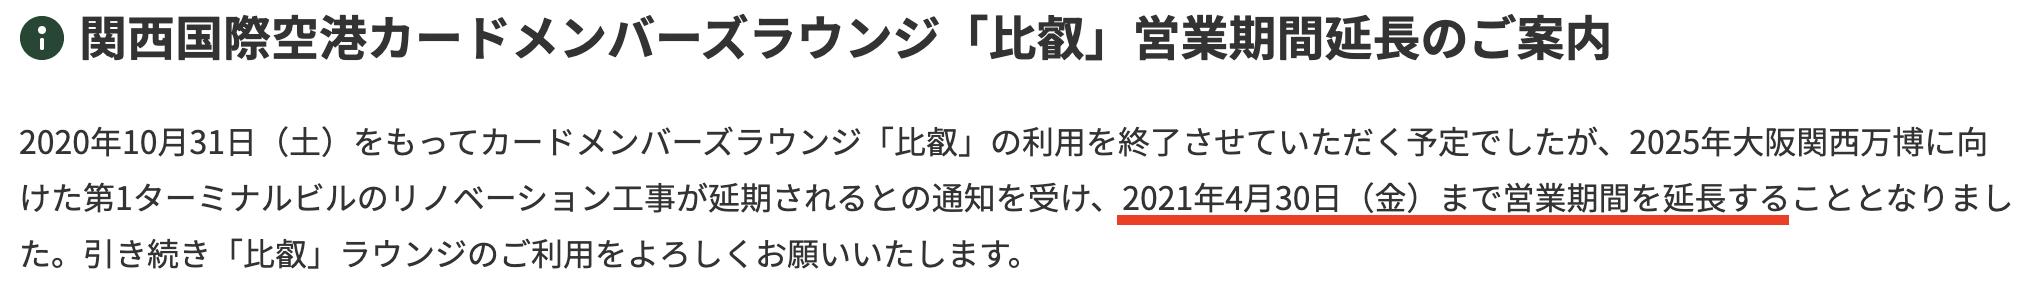 三井住友カード関西国際空港カードメンバーズラウンジ「比叡」営業期間延長のご案内